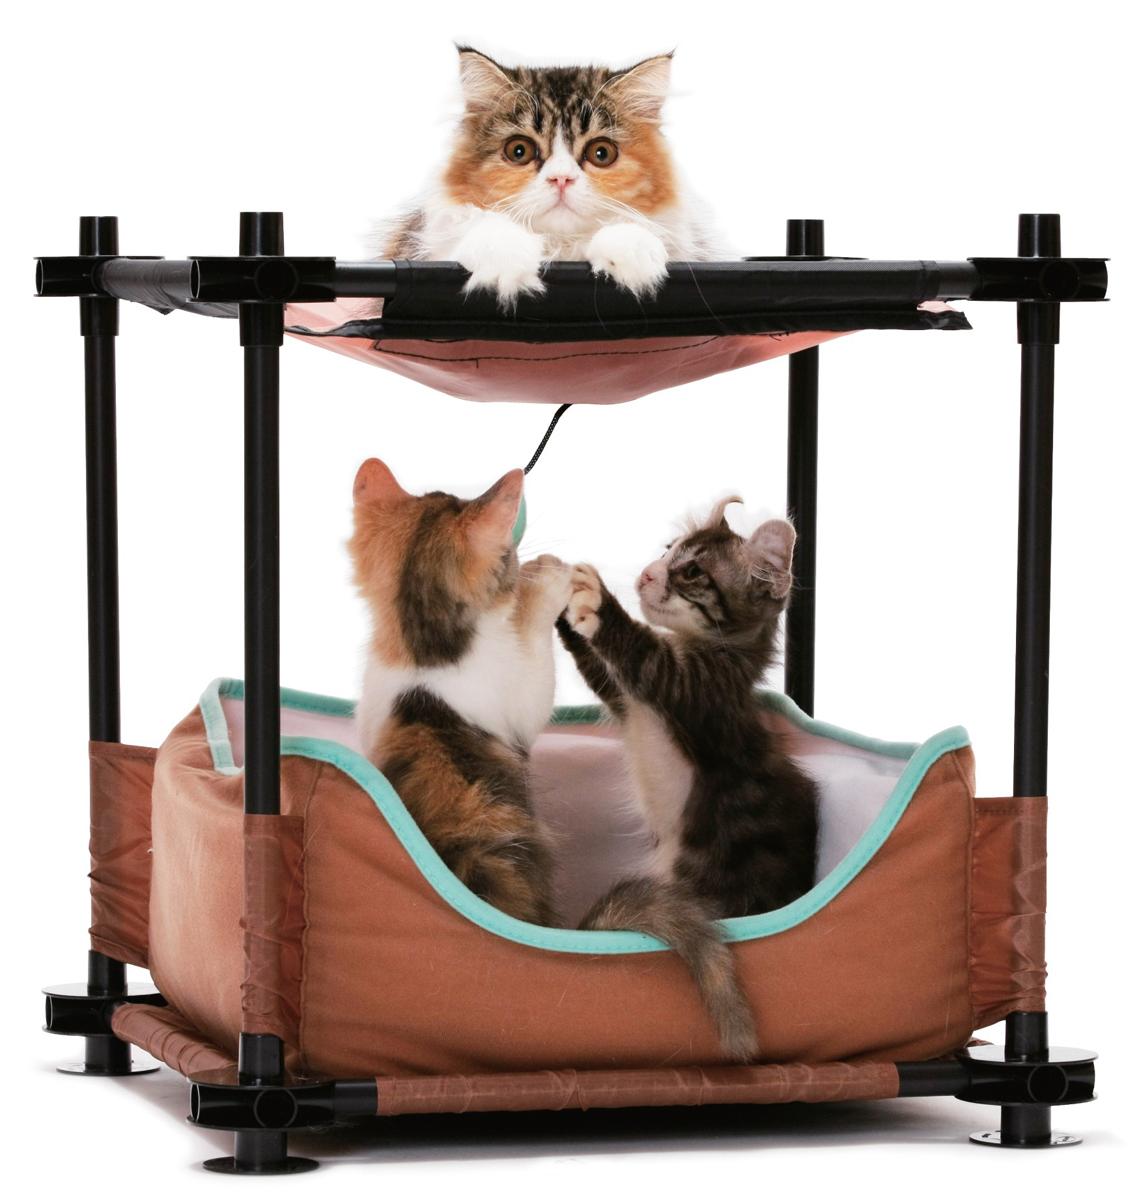 Лежак для кошек Kitty City Барские покои, 44 х 45 х 45 см23063Лежак Kitty City Барские покои поразит вас своим непревзойденным удобством. И будьте уверены, кошка тоже оценит уникальные преимущества нового спального места. Лежак сочетает в себе функции прекрасной кровати и игрового комплекса. Он великолепно подходит для активных и озорных животных, которые даже перед сном предпочитают поиграть с подвесной игрушкой и плавно из состояния игры перейти в глубокий сладкий сон. Лежак изготовлен из высокопрочных, устойчивых к повреждениям материалов. Каркас из пластиковых трубок удобно собирается и разбирается, облегчая транспортировку и хранение. Спальное место изготовлено из мягкого флиса. Игрушка выполнена в виде полумесяца. Лежак прекрасно подойдет для использования как индивидуально, так и в совокупности с игровыми комплексами Kitty City.